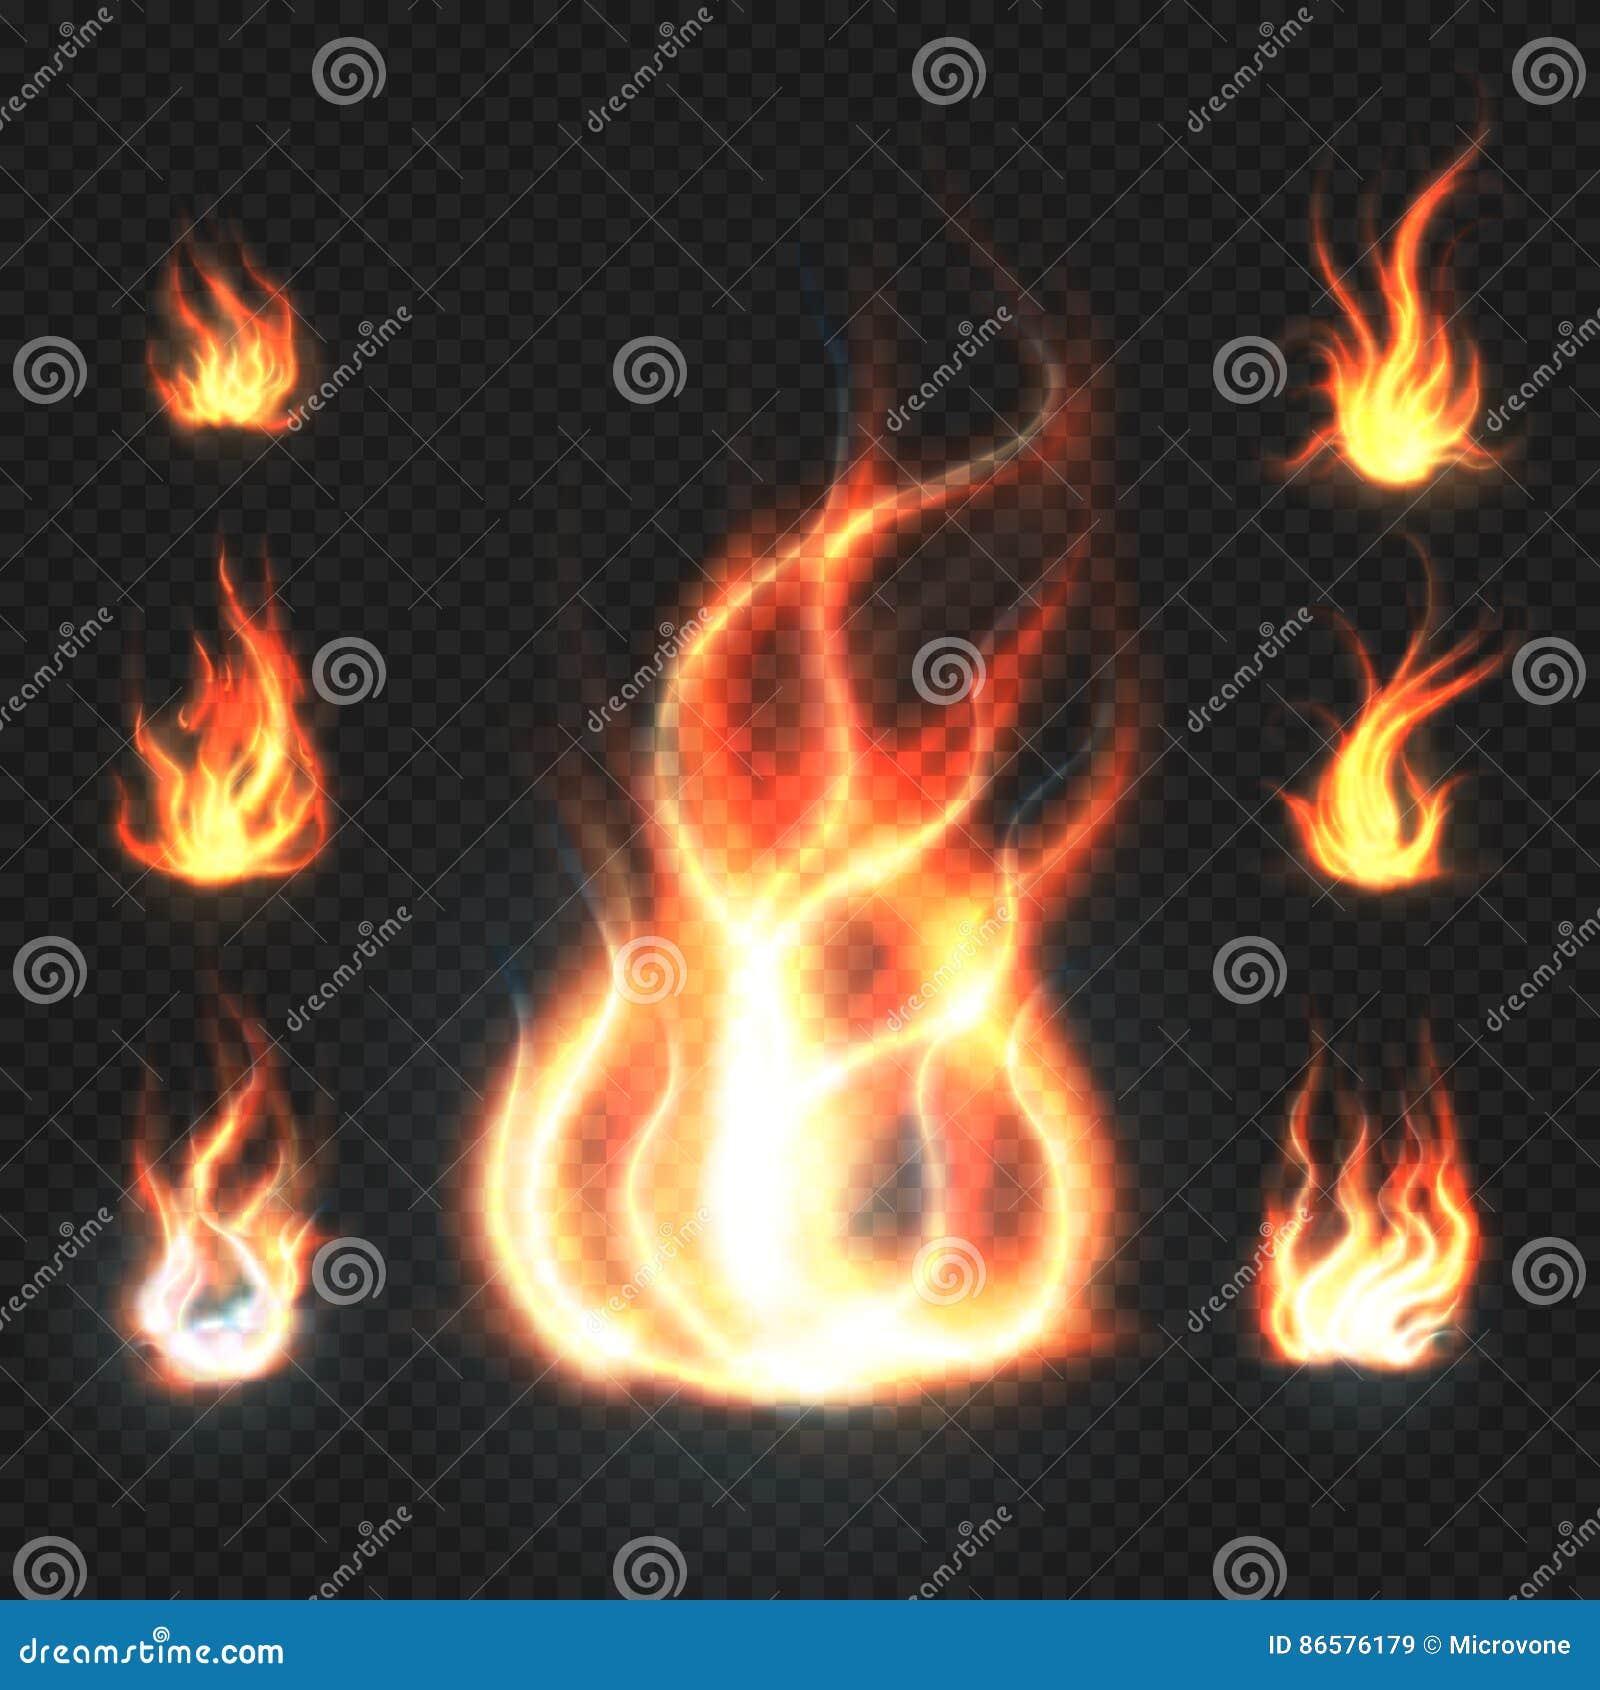 Realistische oranje en rode brandvlammen, vuurbollen op transparante vectorillustratie als achtergrond